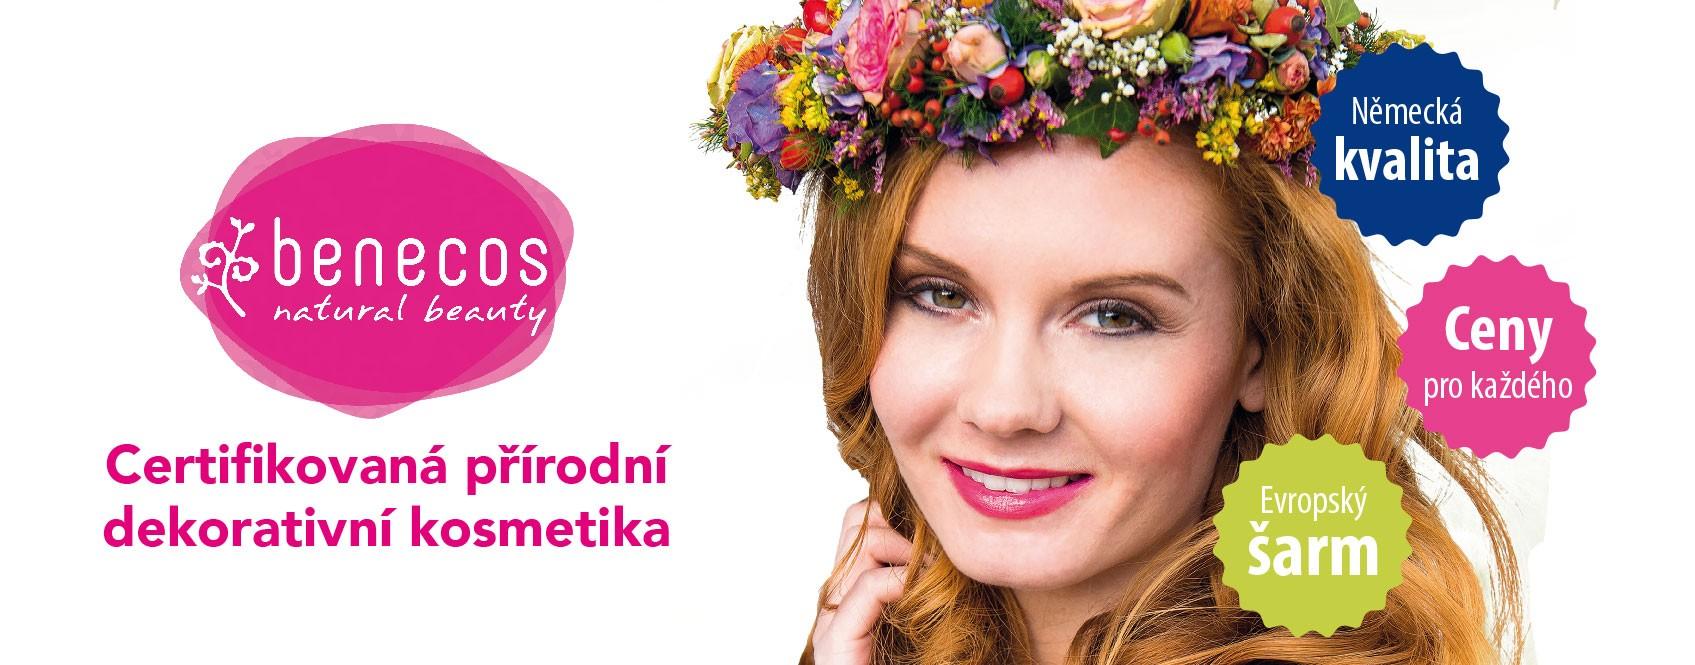 Benecos, německá značka přírodní dekorativní kosmetiky.